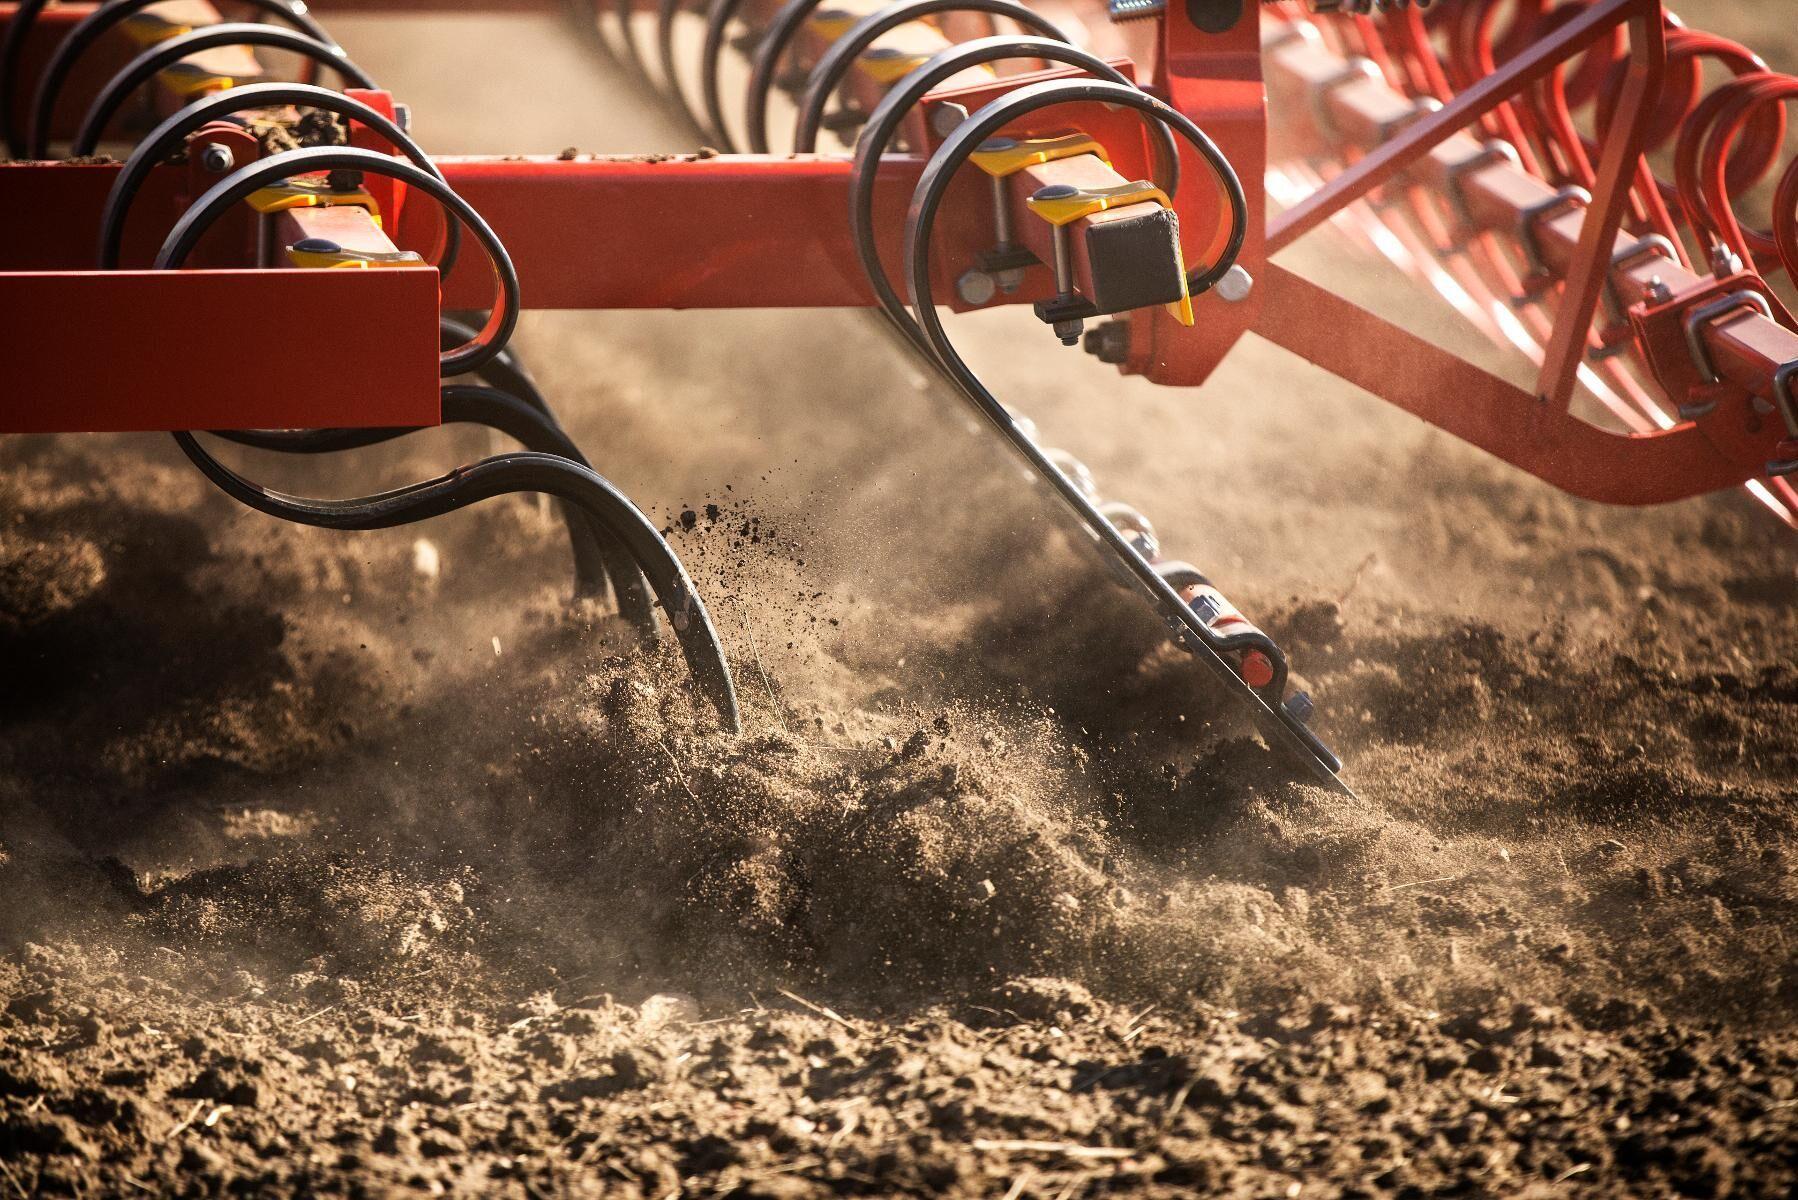 Den spetsiga formen ska fungera bra på jordar med mycket lera.